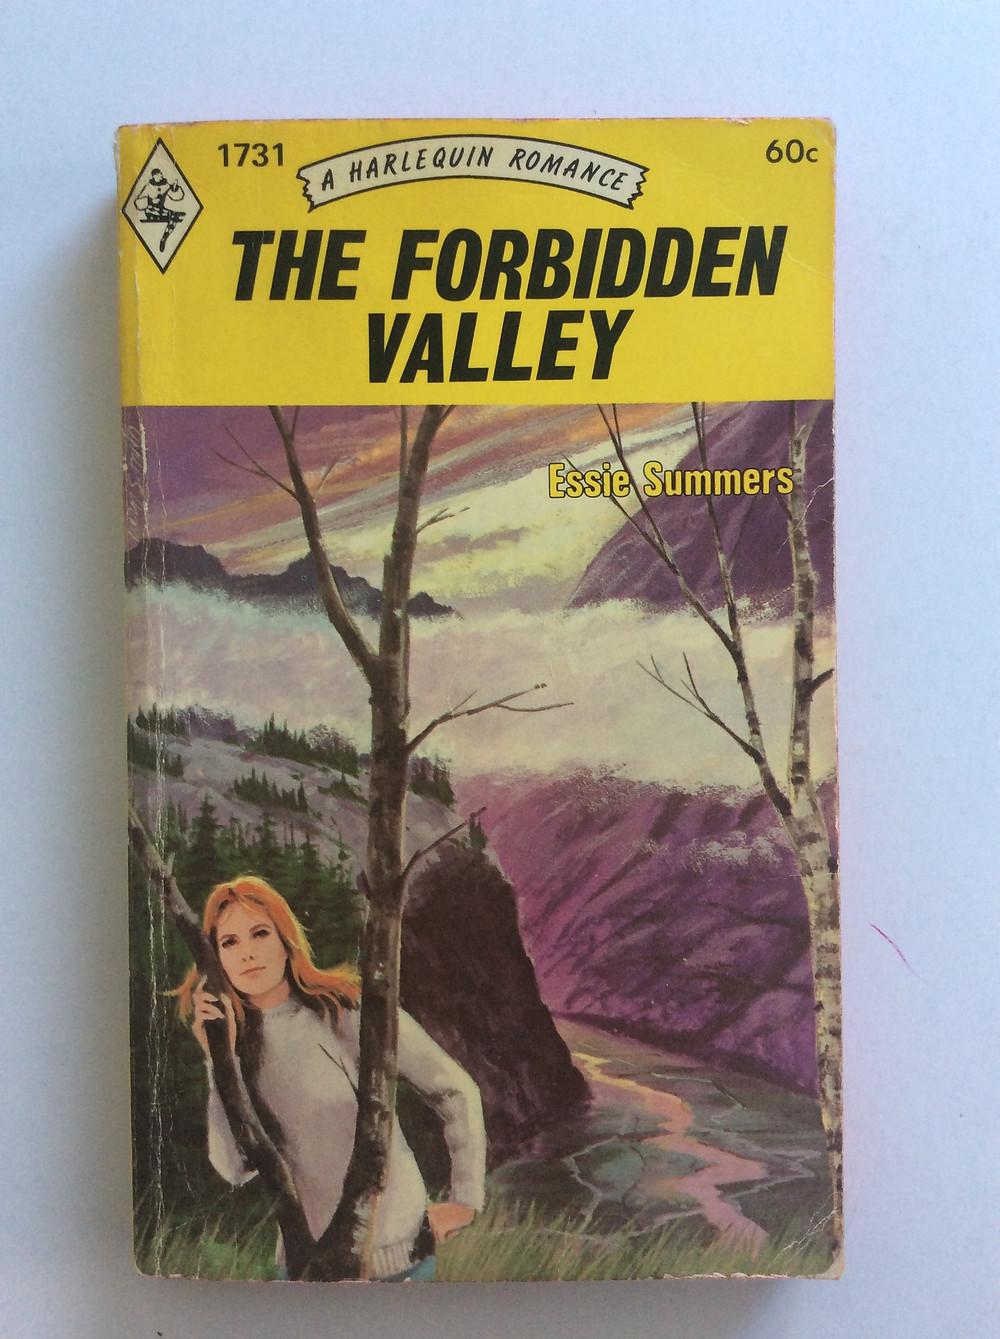 The Forbidden Valley by Essie Summers